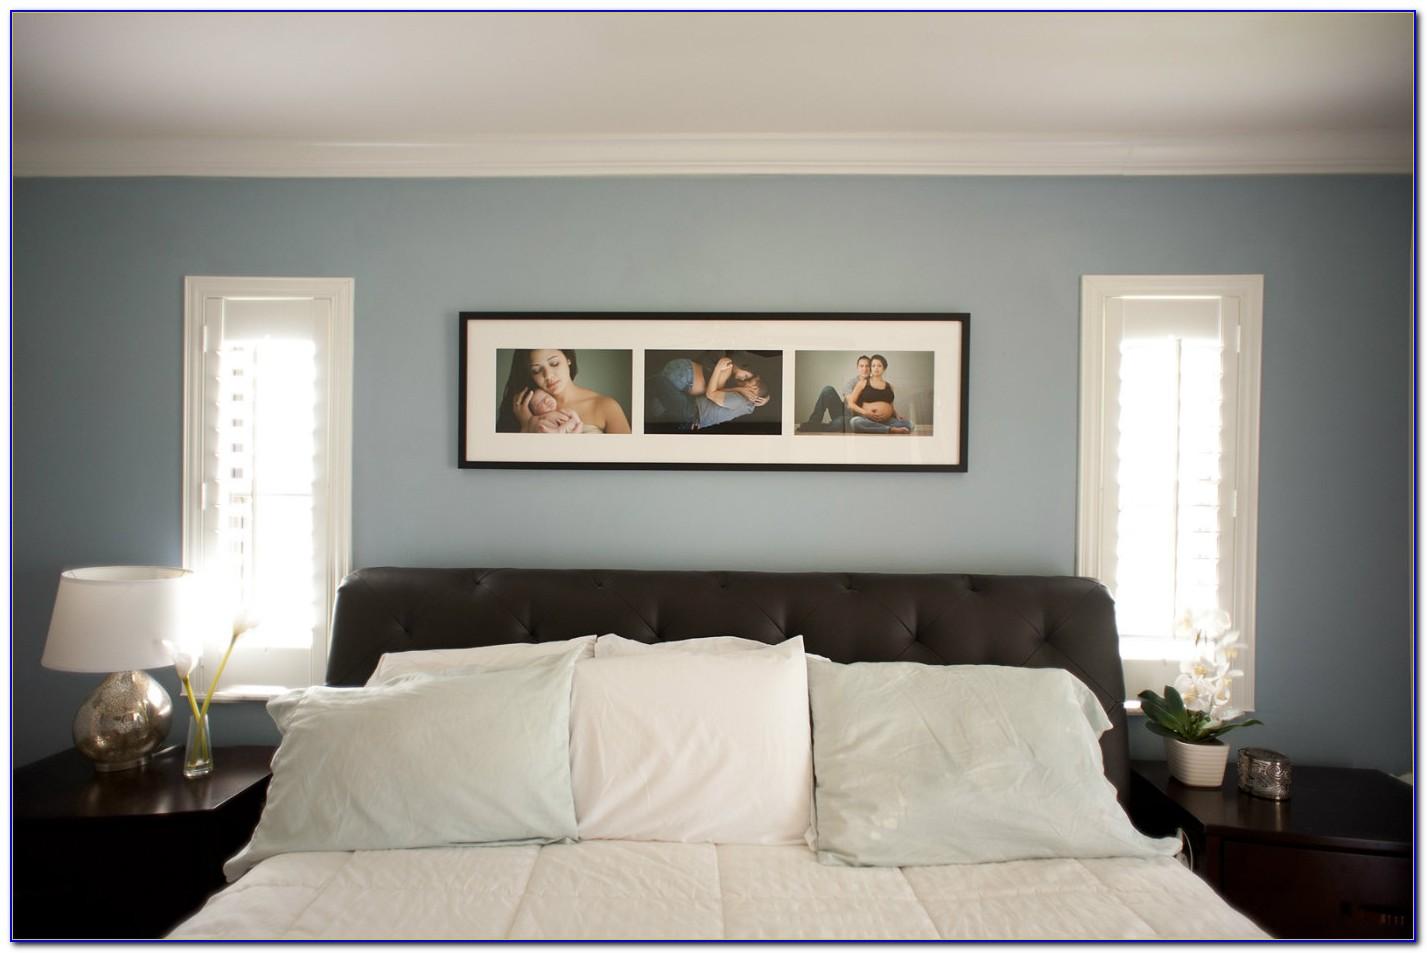 Framed Art For Master Bedroom